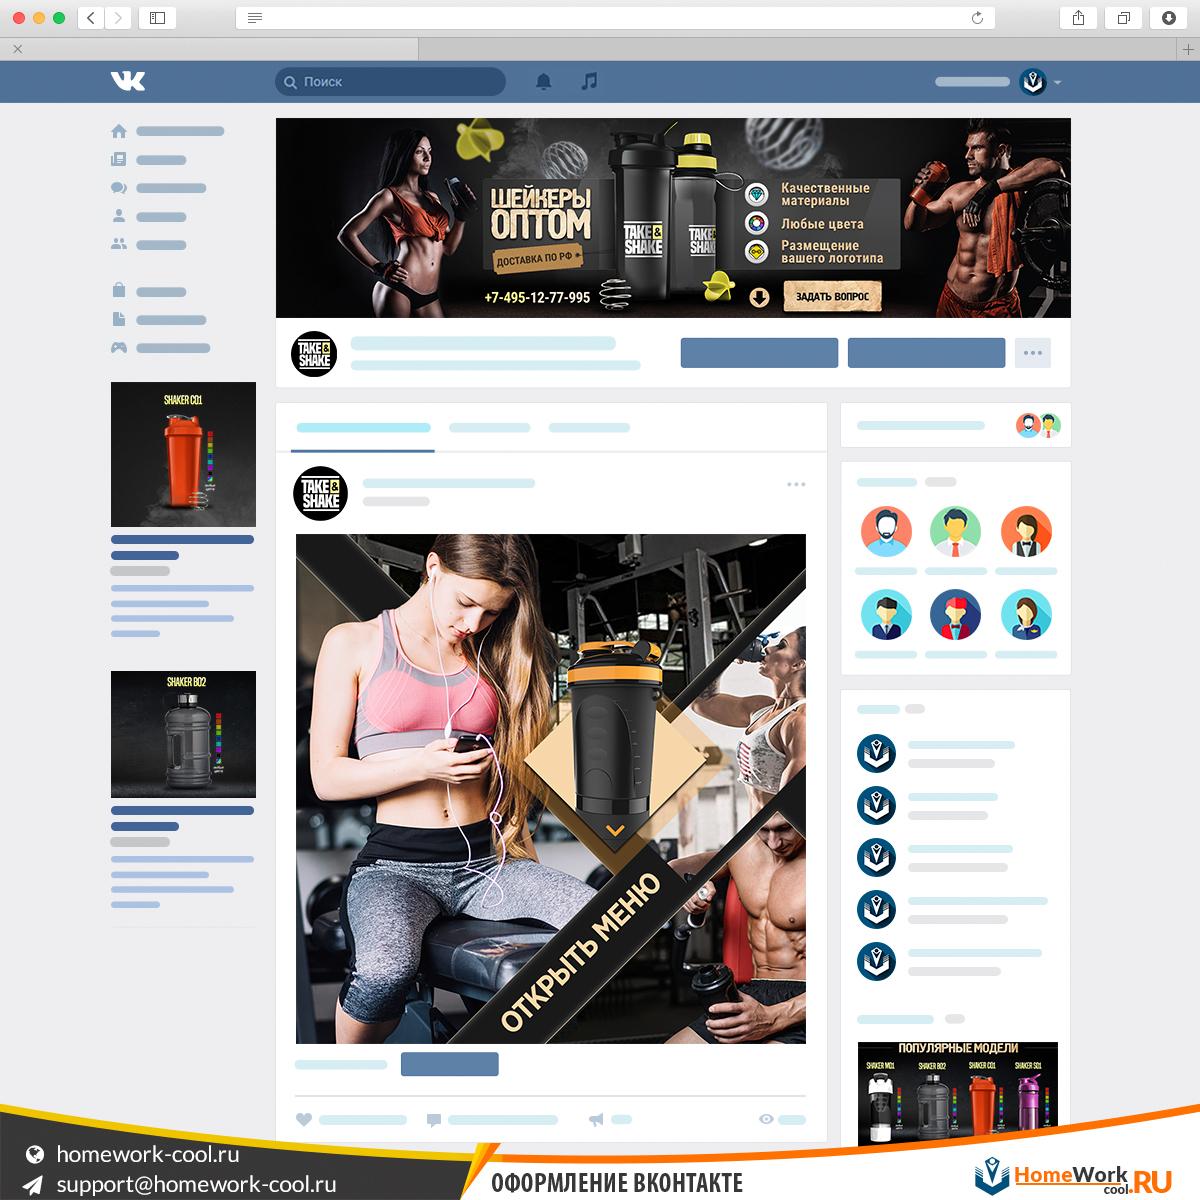 Оформление группы ВКонтакте по оптовой продаже шейкеров